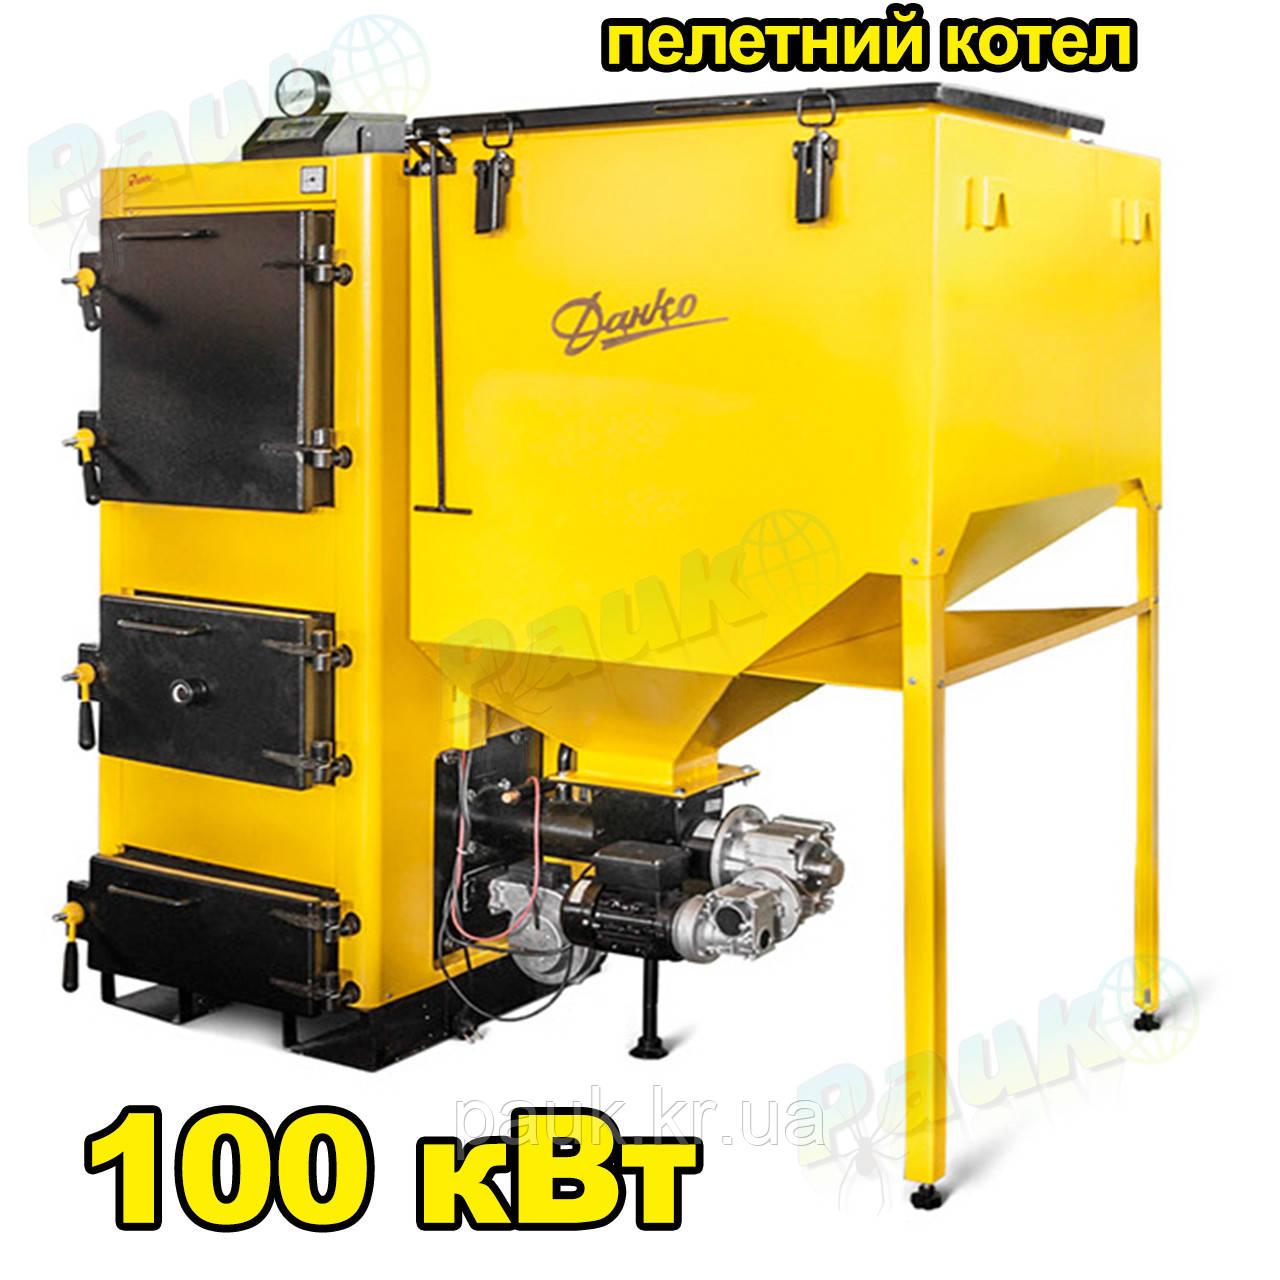 Пелетний котел Данко 100 кВт, довготривалого горіння